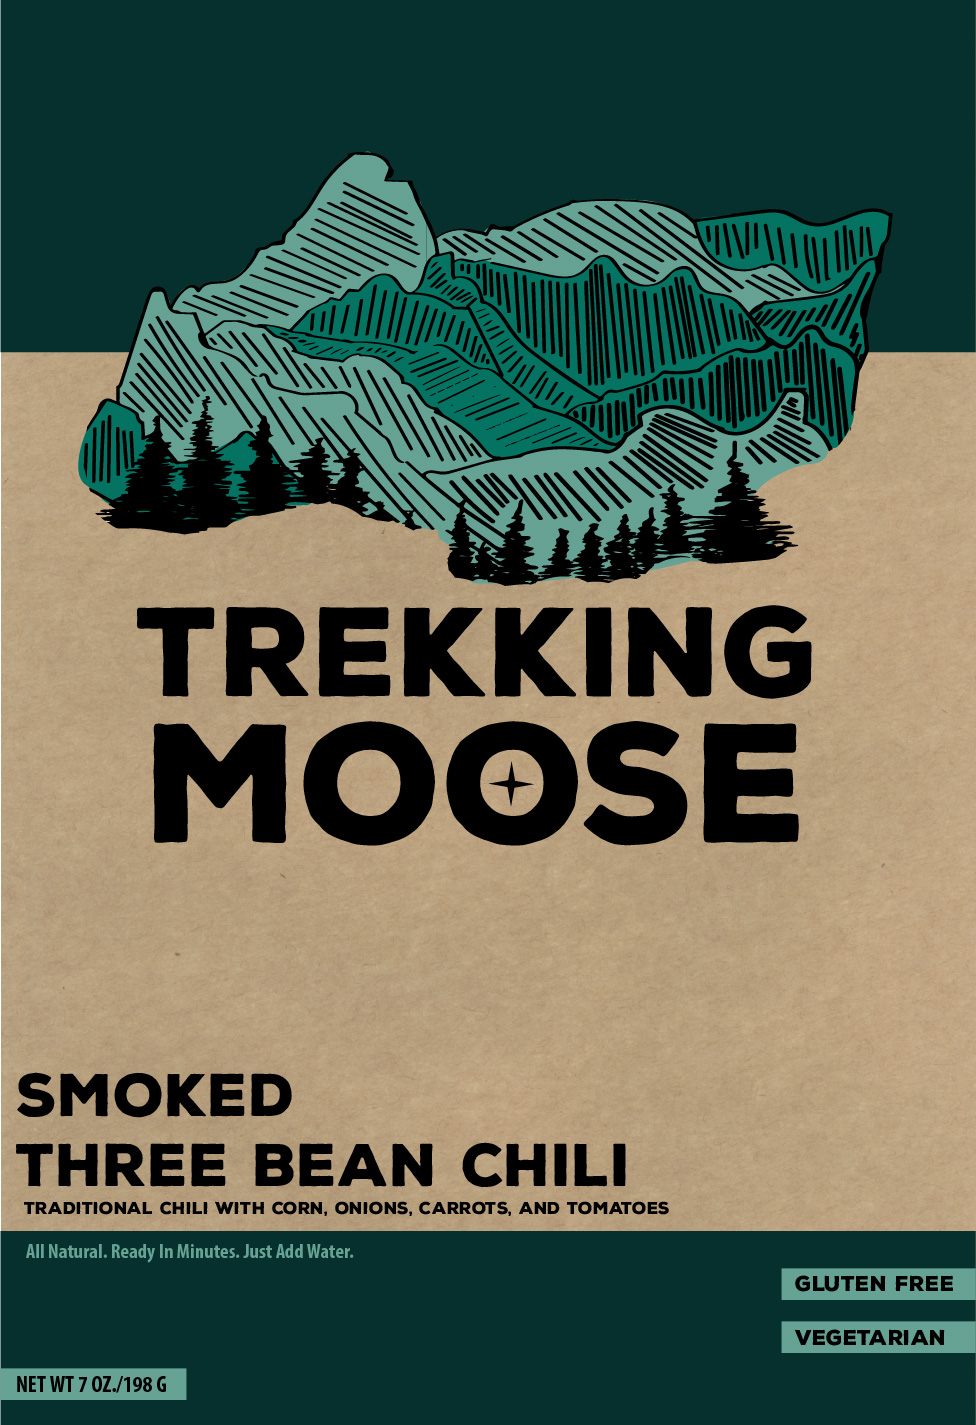 TrekkingMoose Package copy-01.jpg